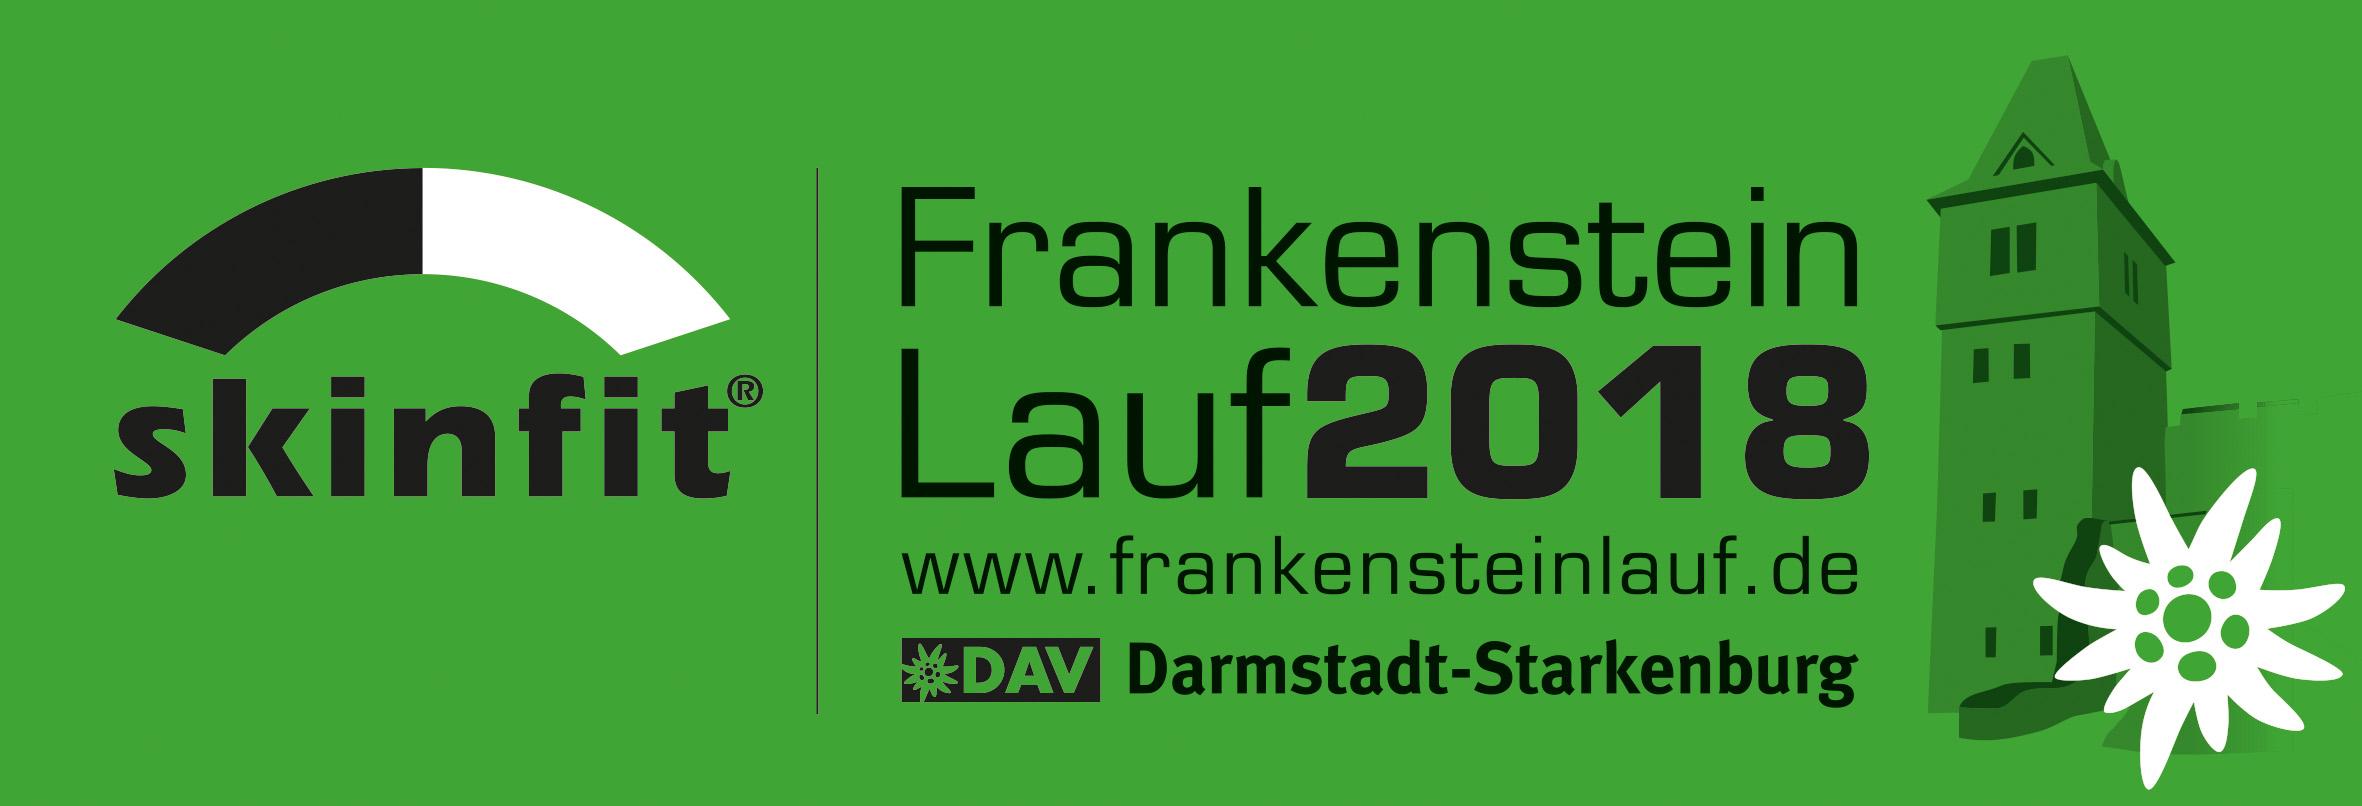 Frankensteinlauf